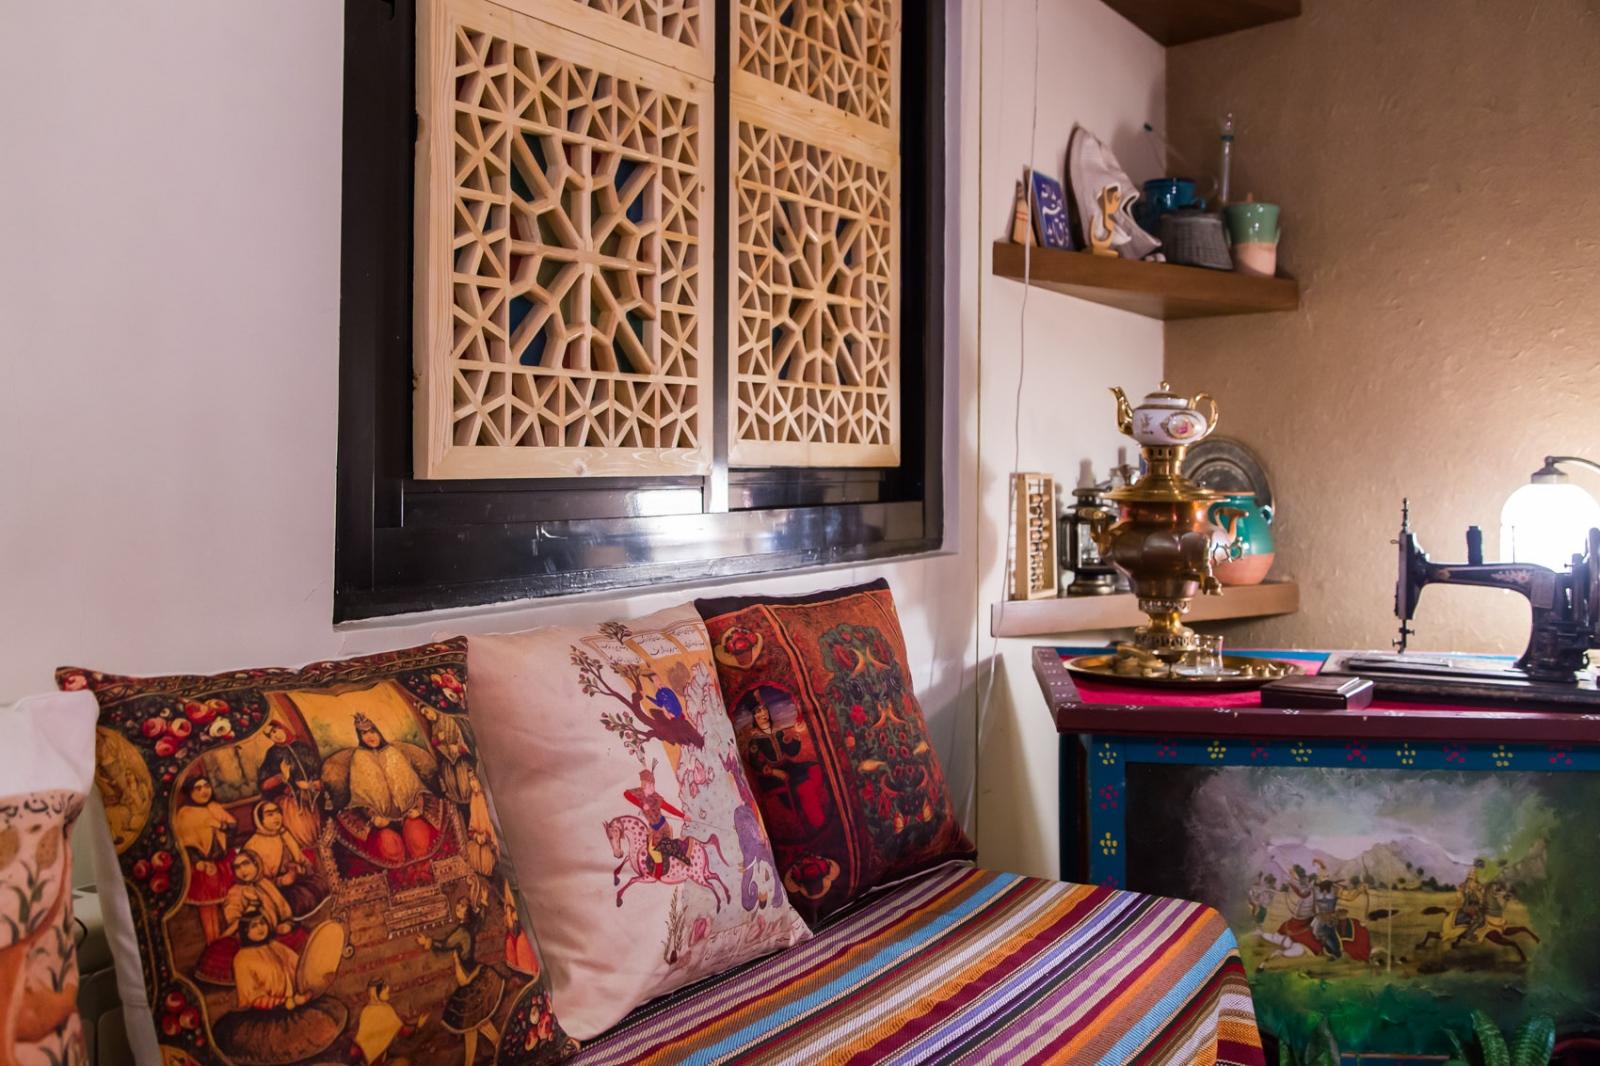 آشنایی با سبک دکوراسیون سنتی ایرانی و ویژگی های آن